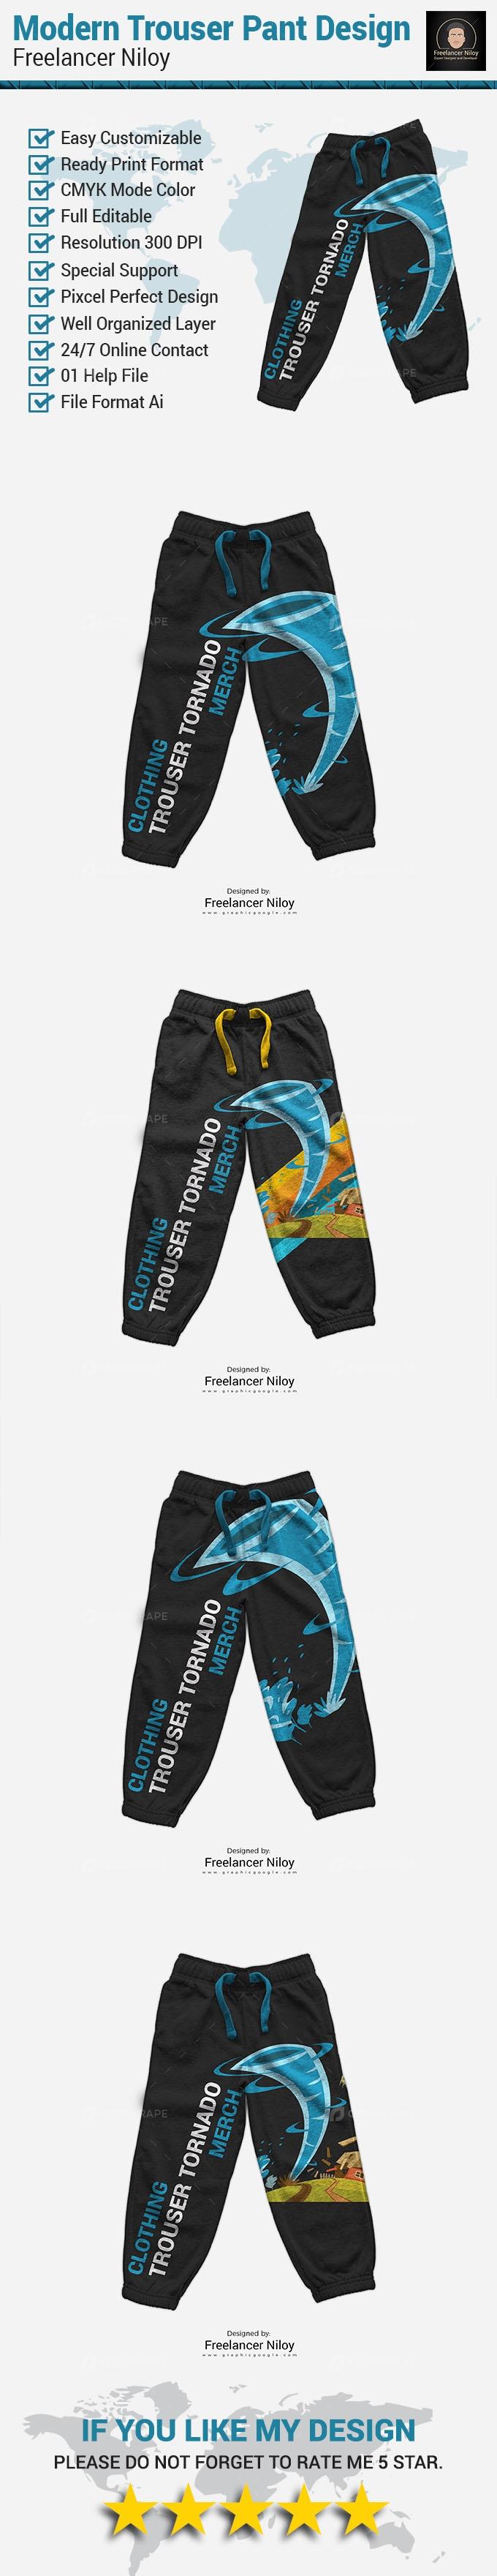 Modern Trouser Pant Design